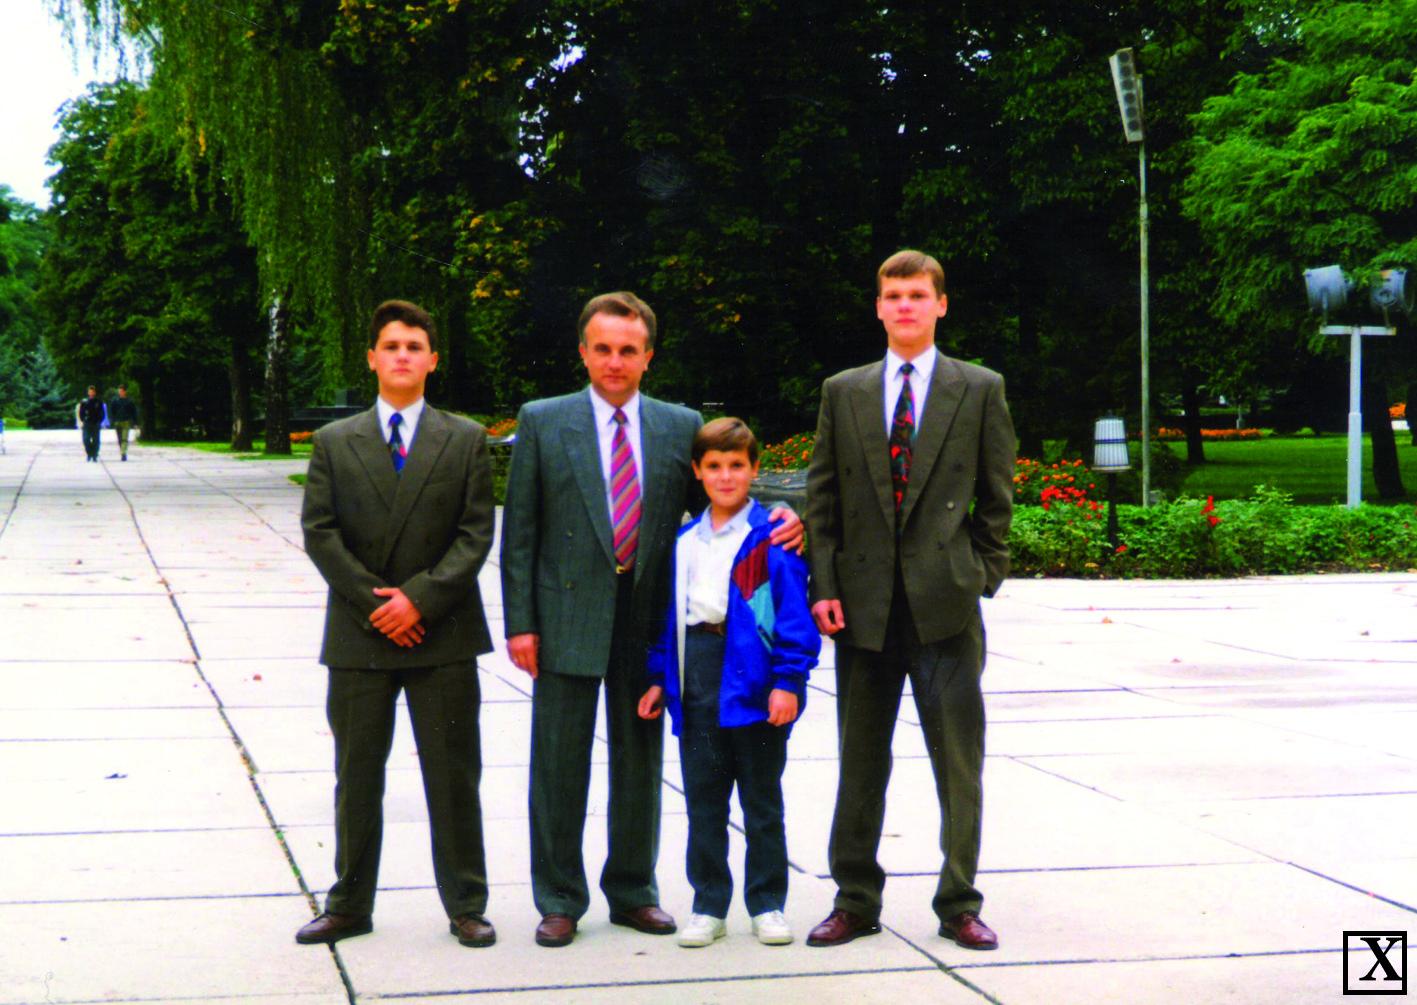 Зліва направо: Олександр, Віталій Васильович, В'ячеслав та Павло Товстенюки.